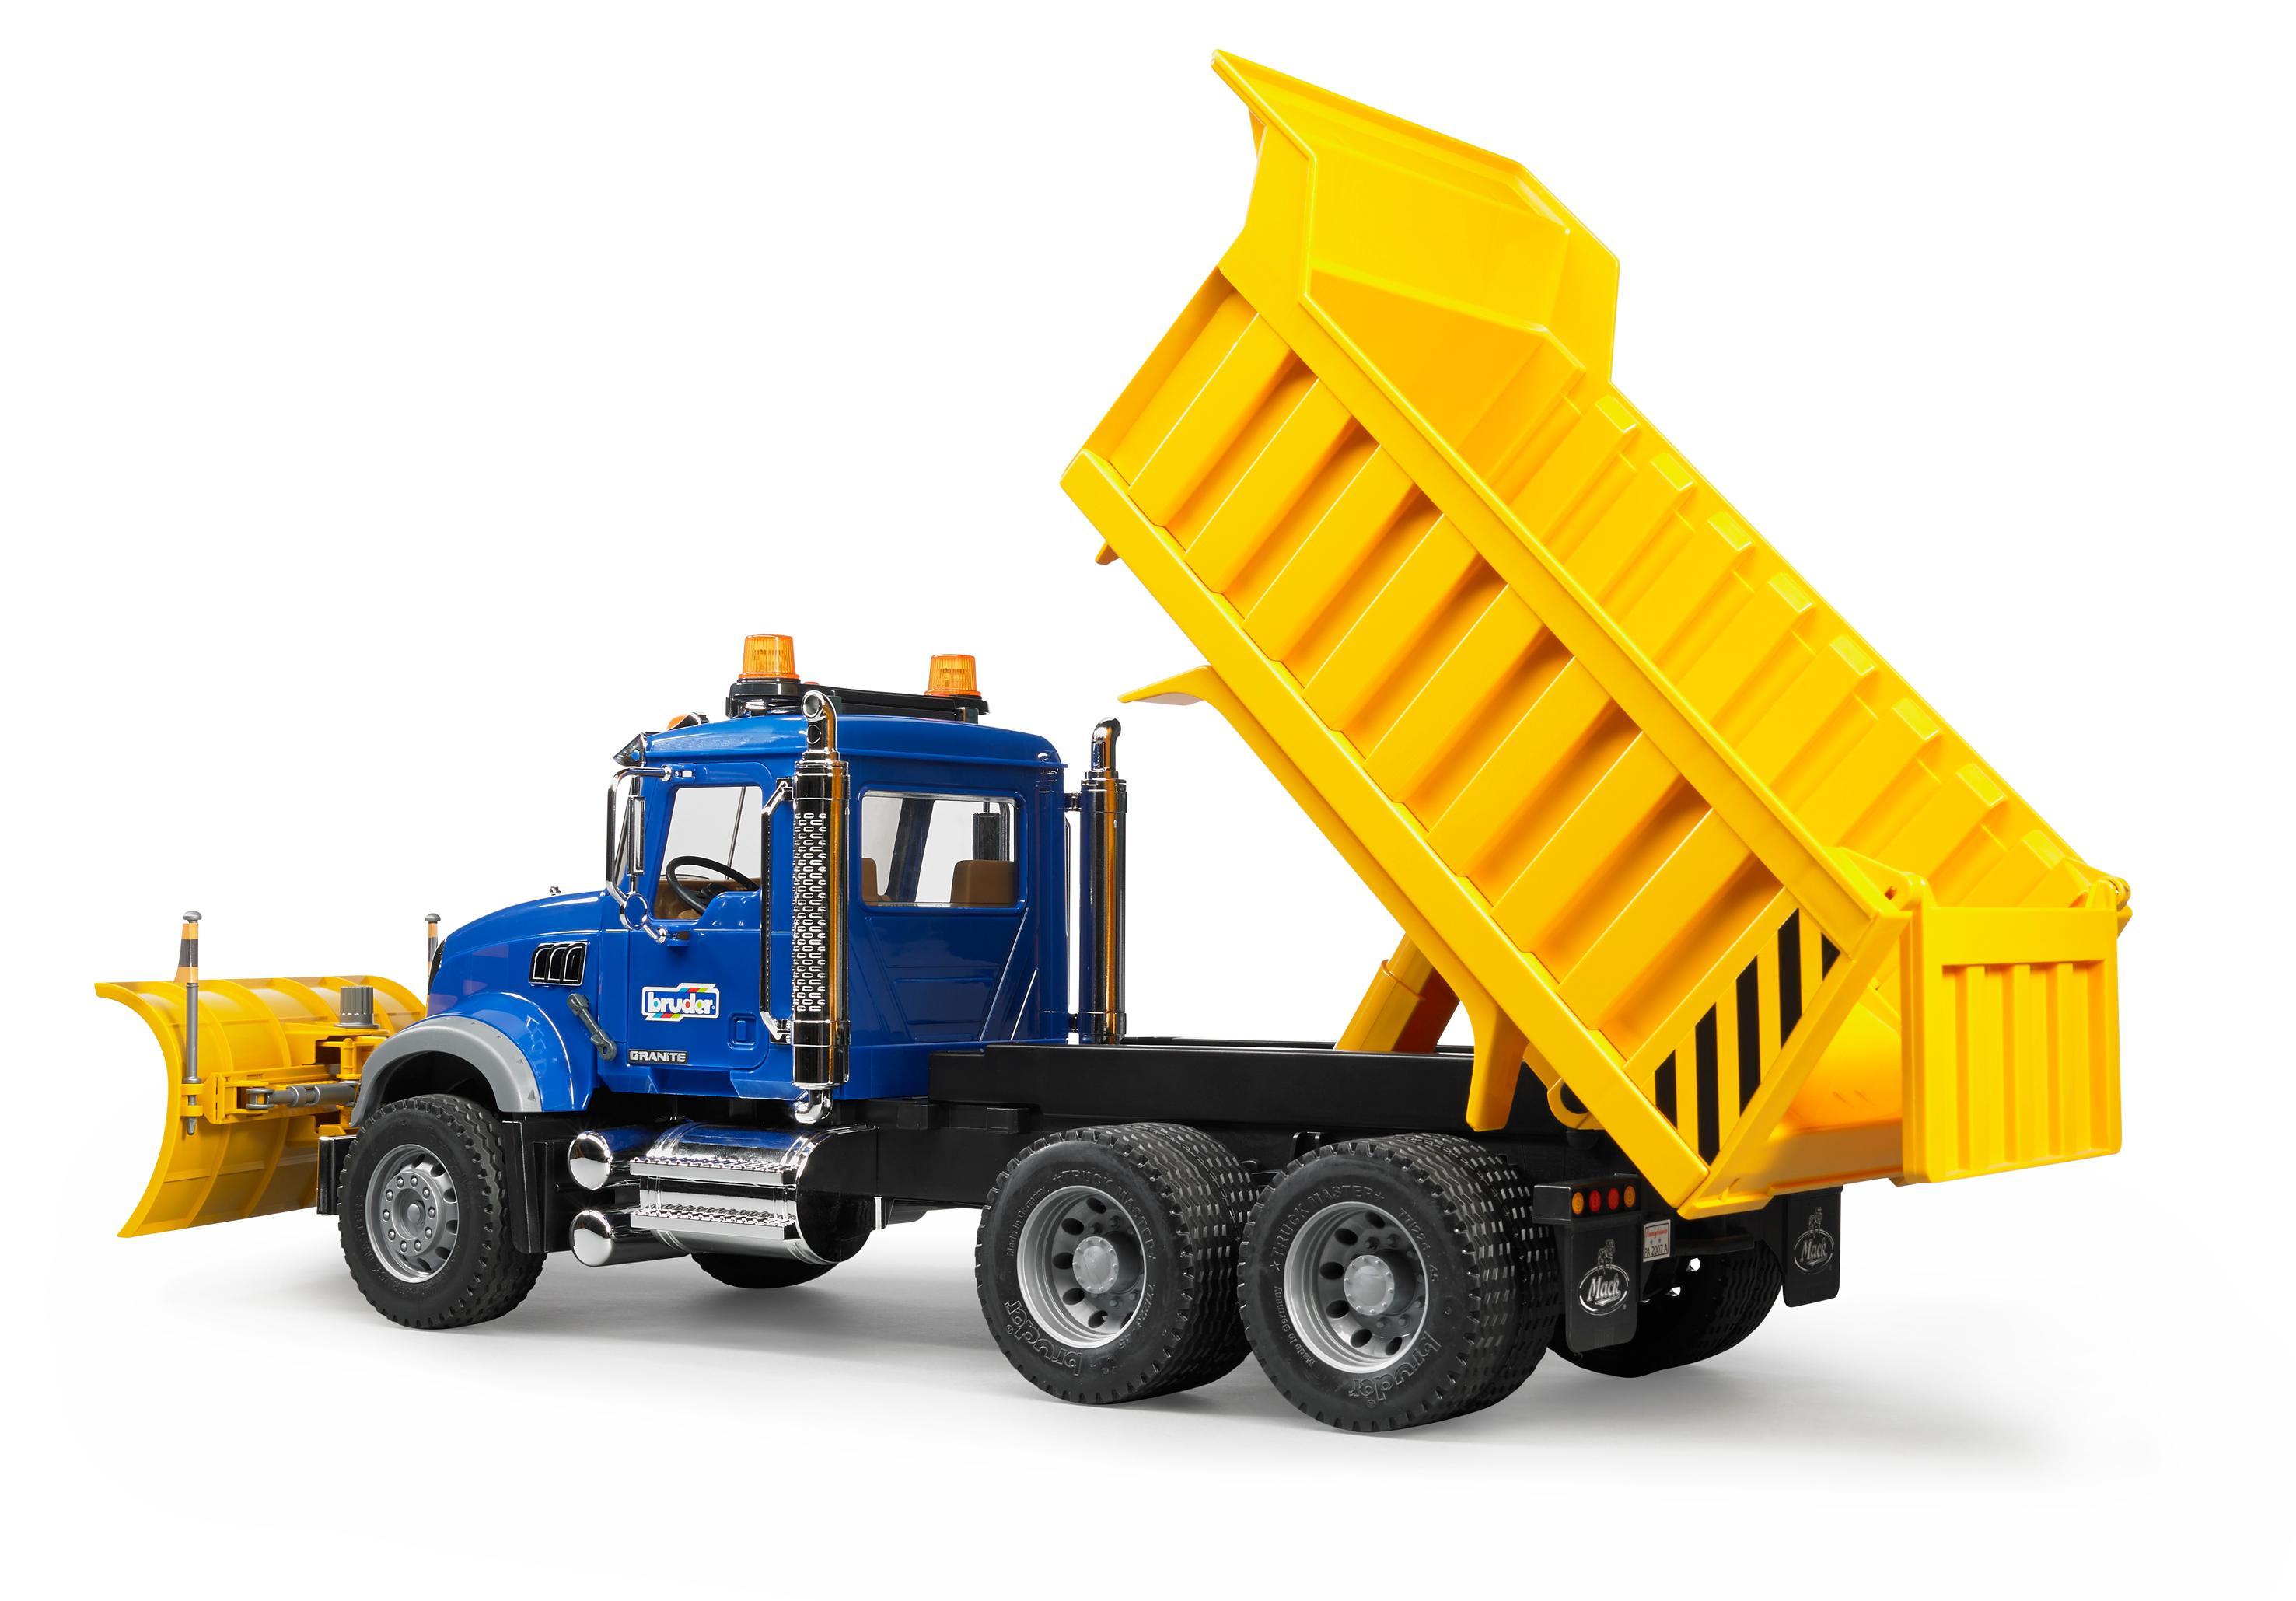 Dump truck images